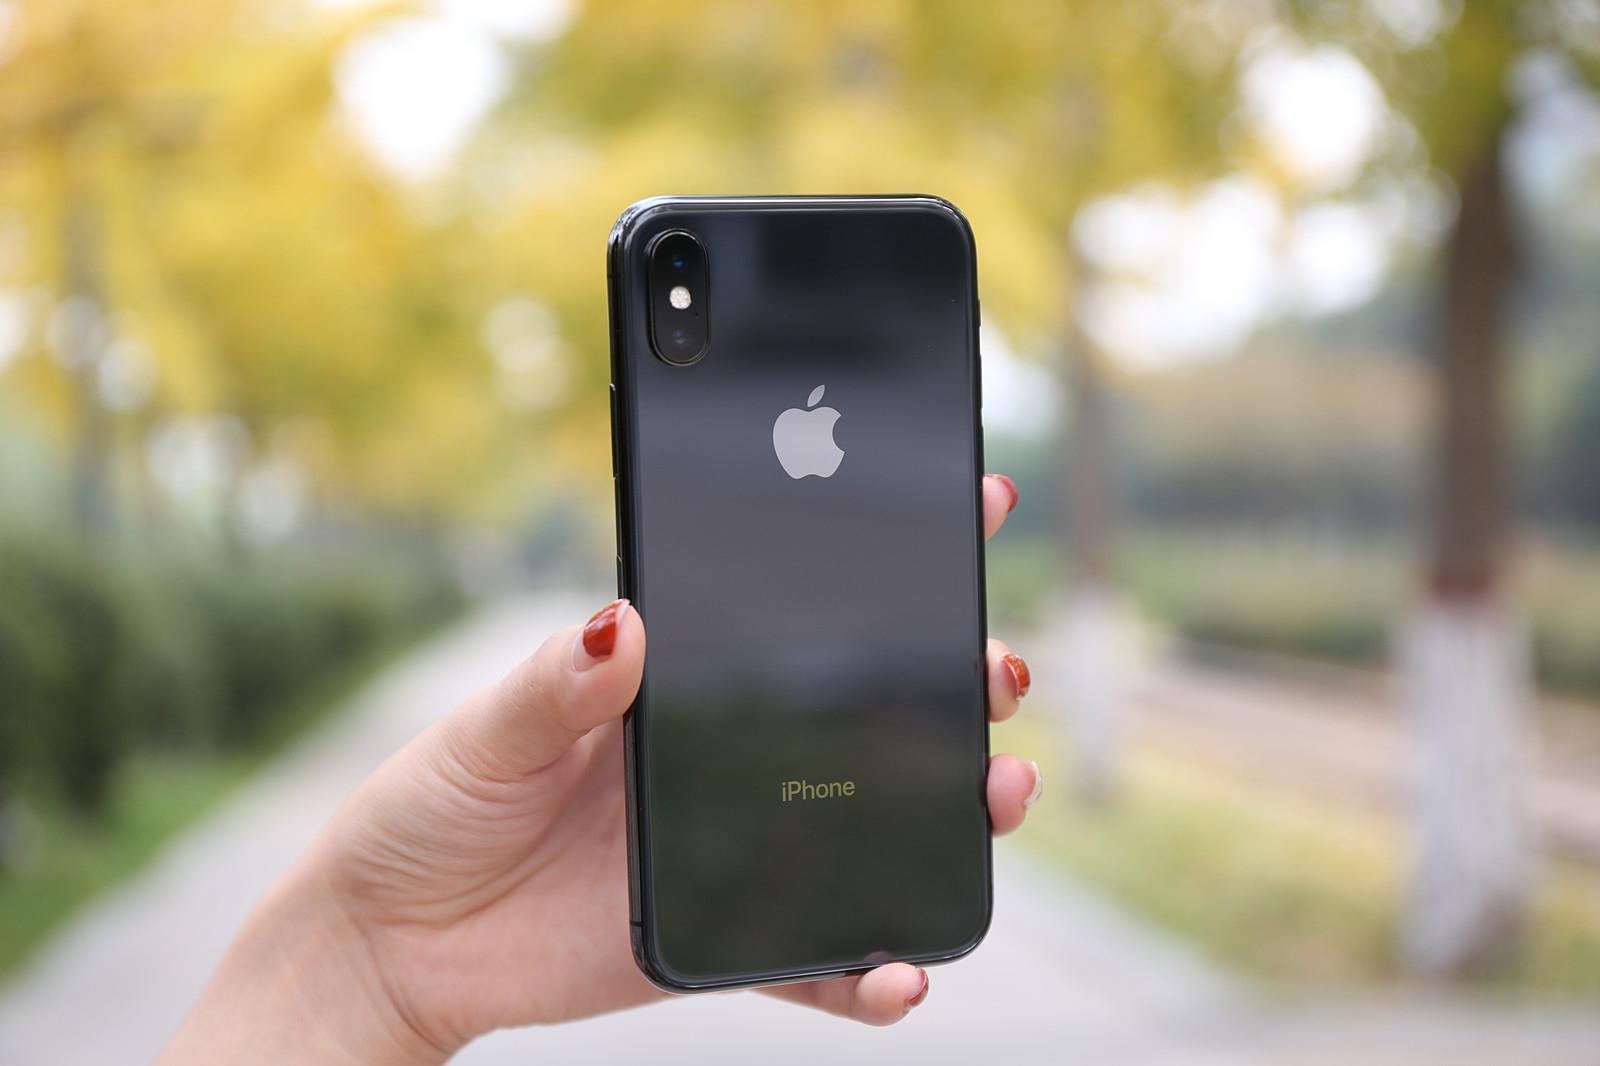 天猫京东苏宁等电商平台iPhone降价:苹果想要销量